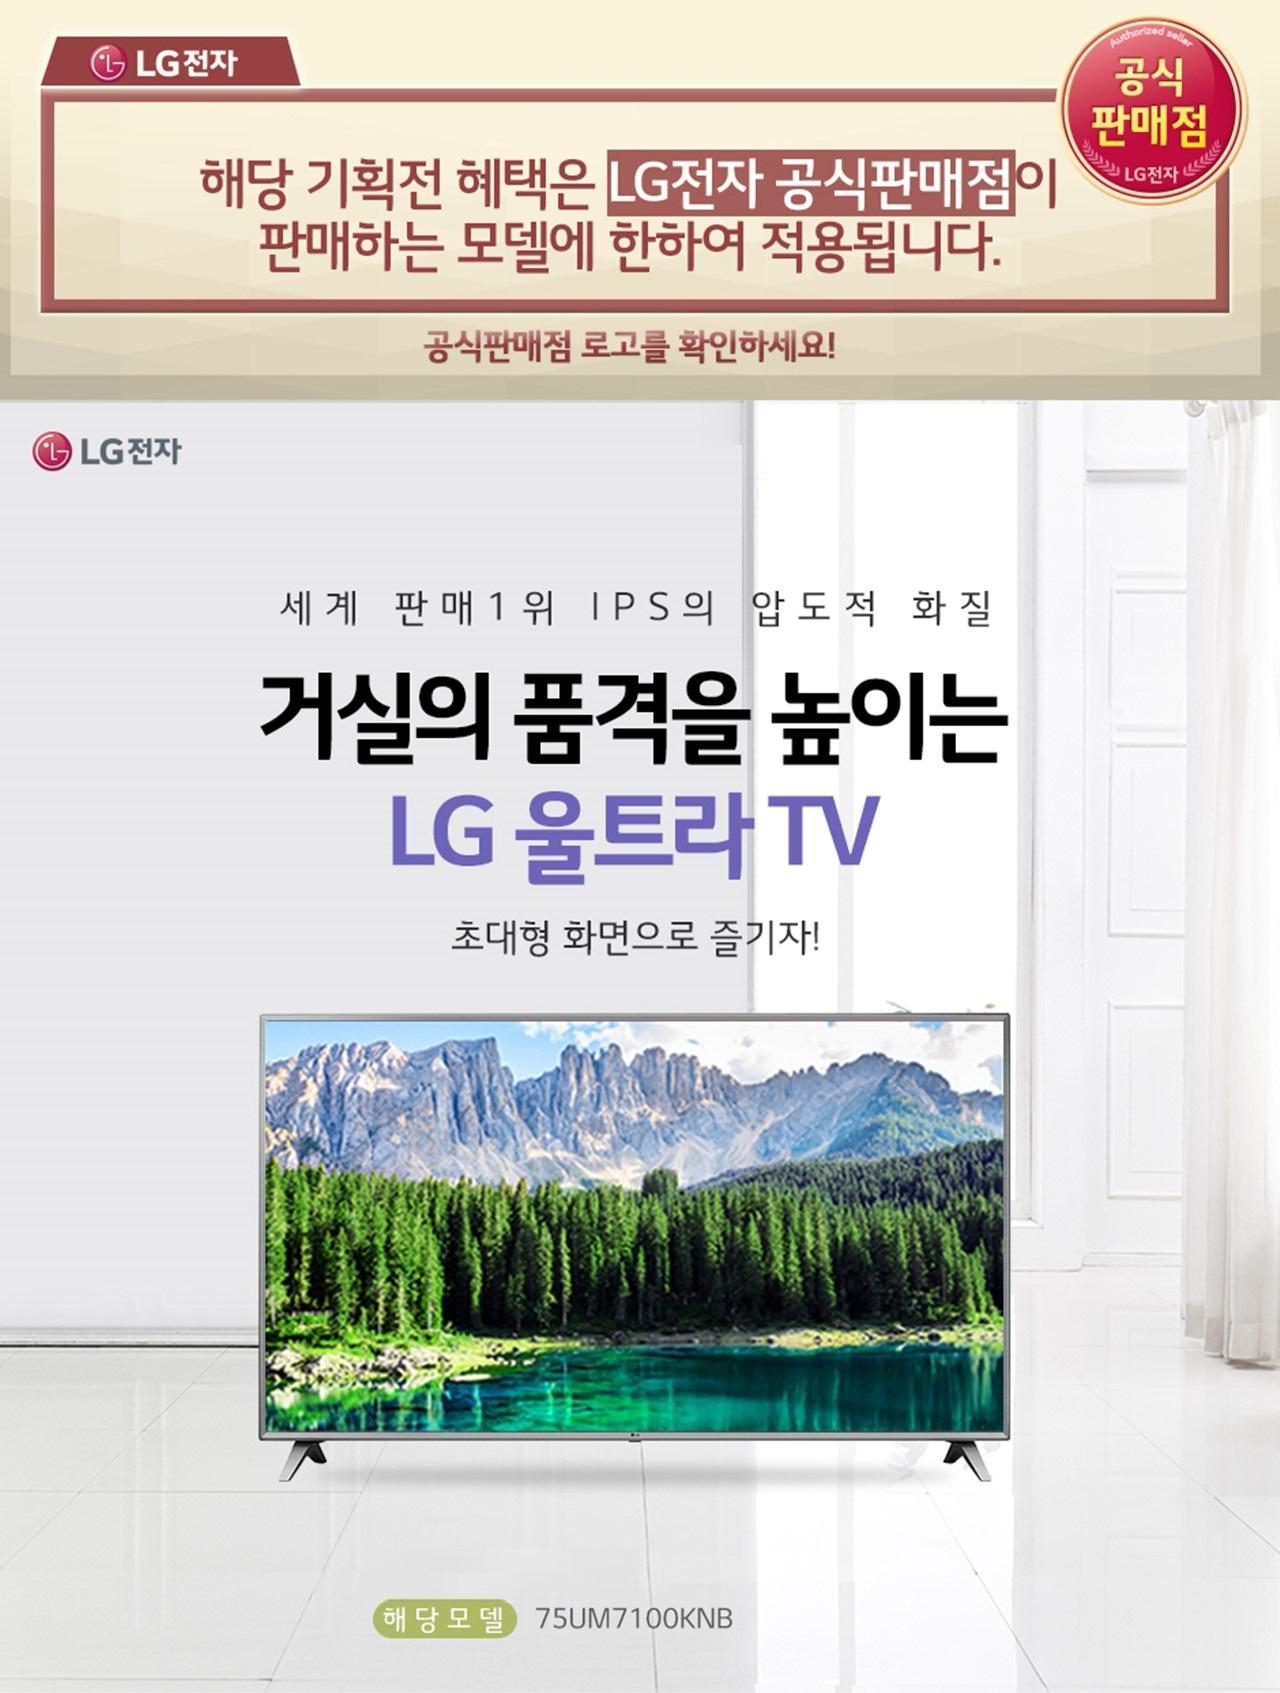 [LG전자] 대화면 tv와 어울리는 최고의 디테일 LG울트라HD TV